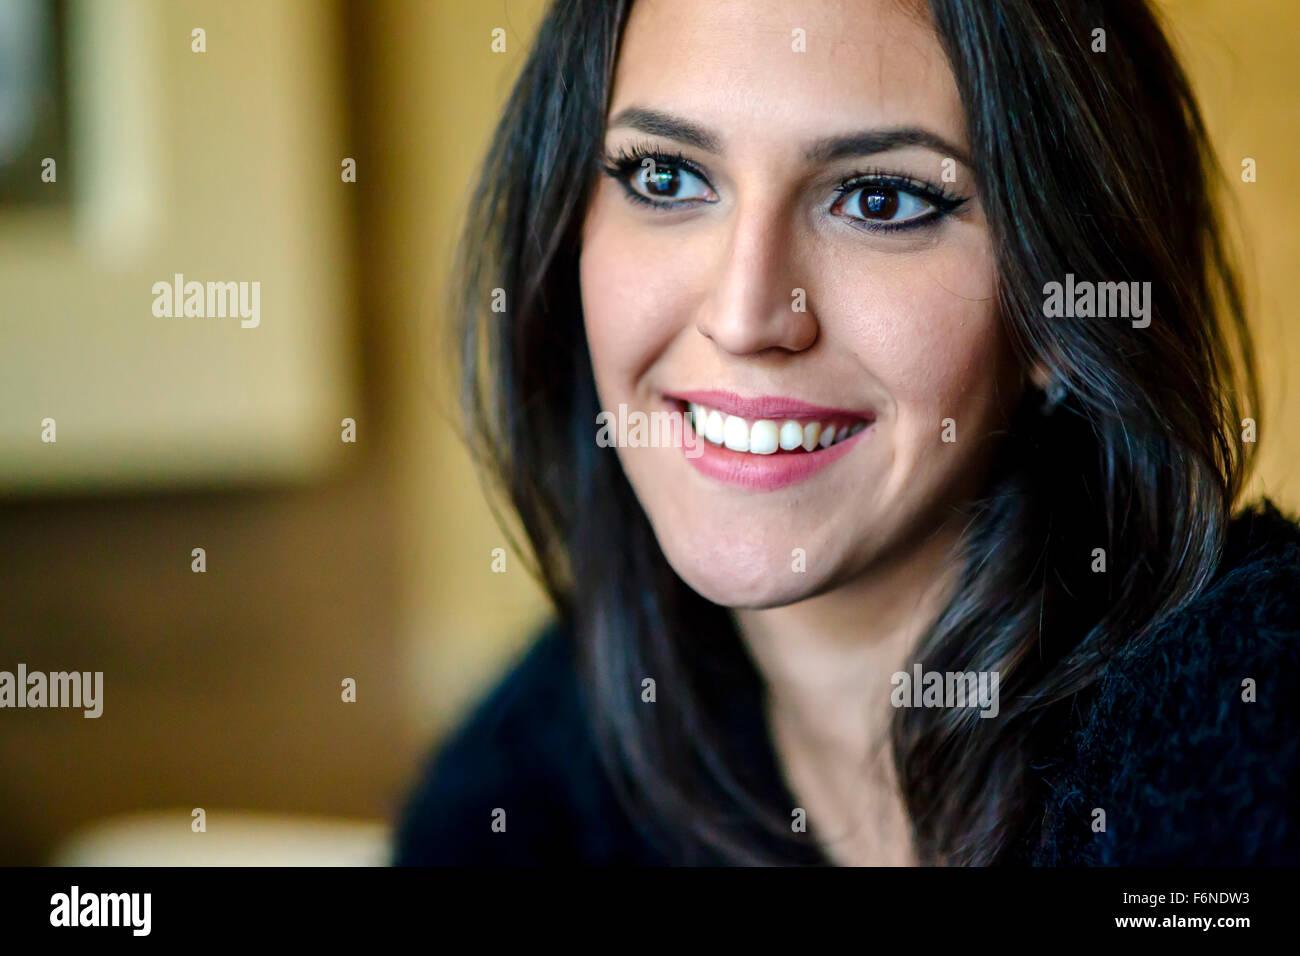 Retrato de una hermosa morenita sonriendo Imagen De Stock